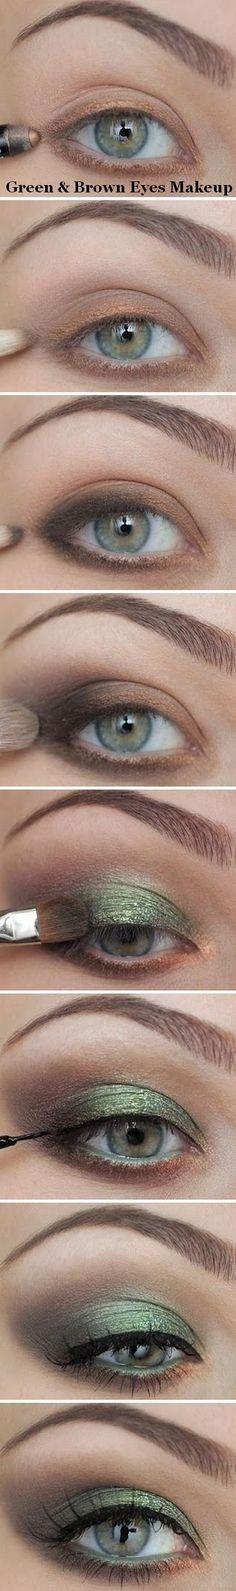 Green & brown eyes makeup.